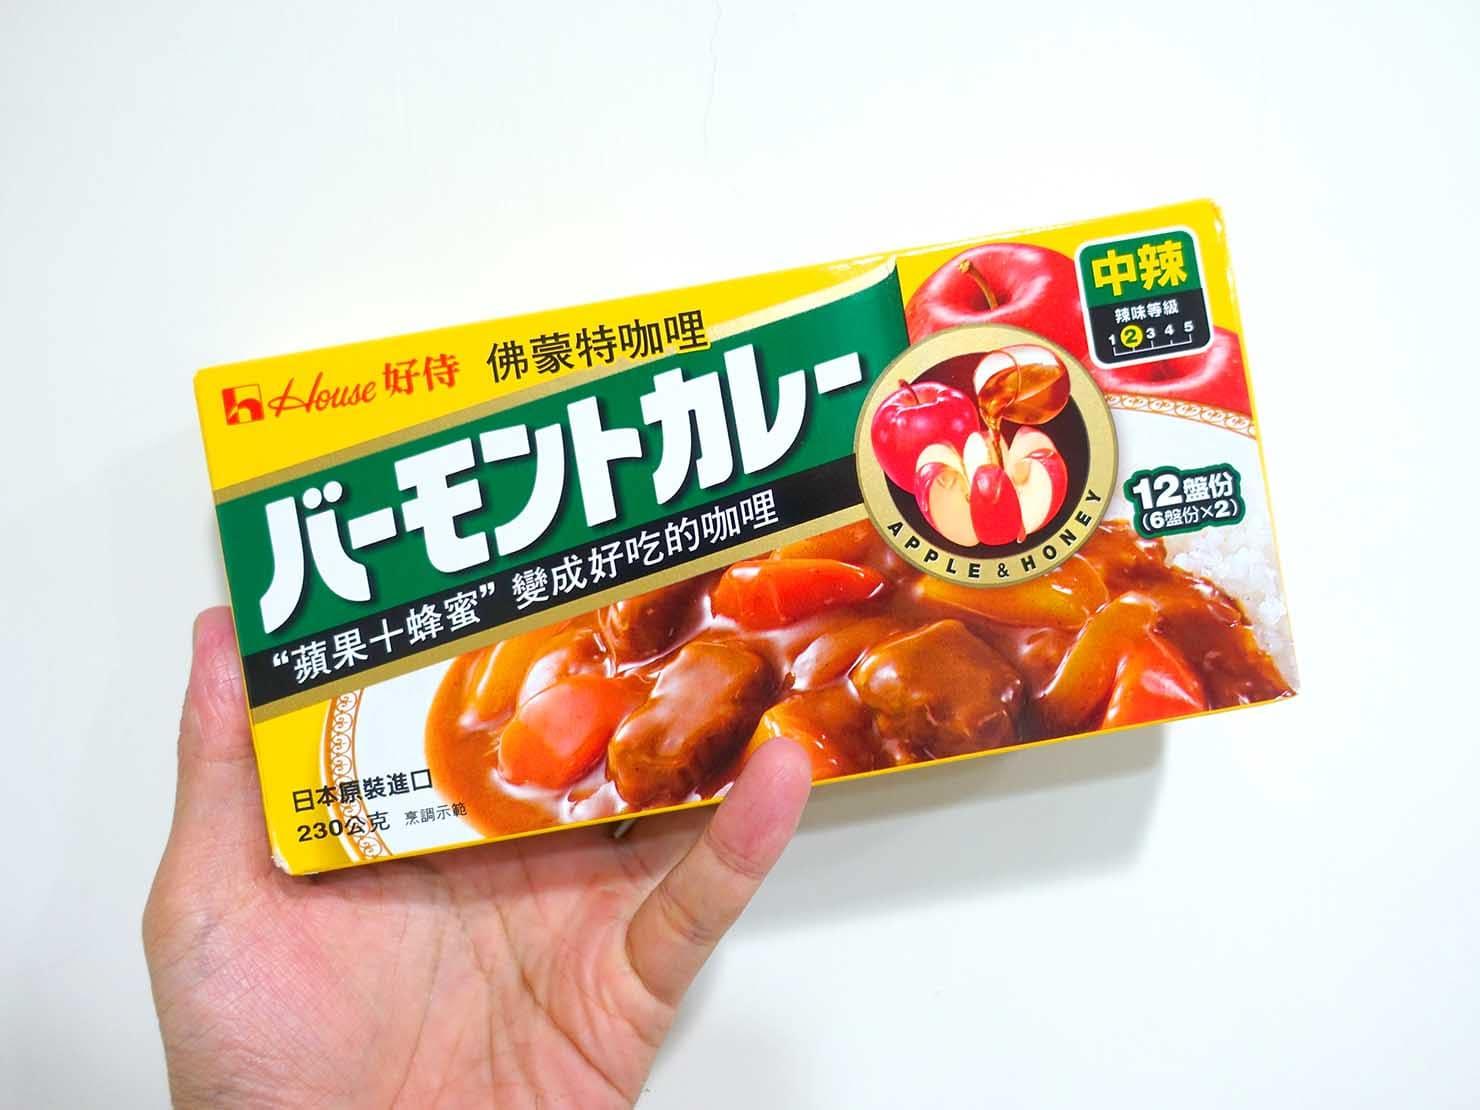 台湾のスーパーで手に入る調味料「咖哩塊(カレールー)」